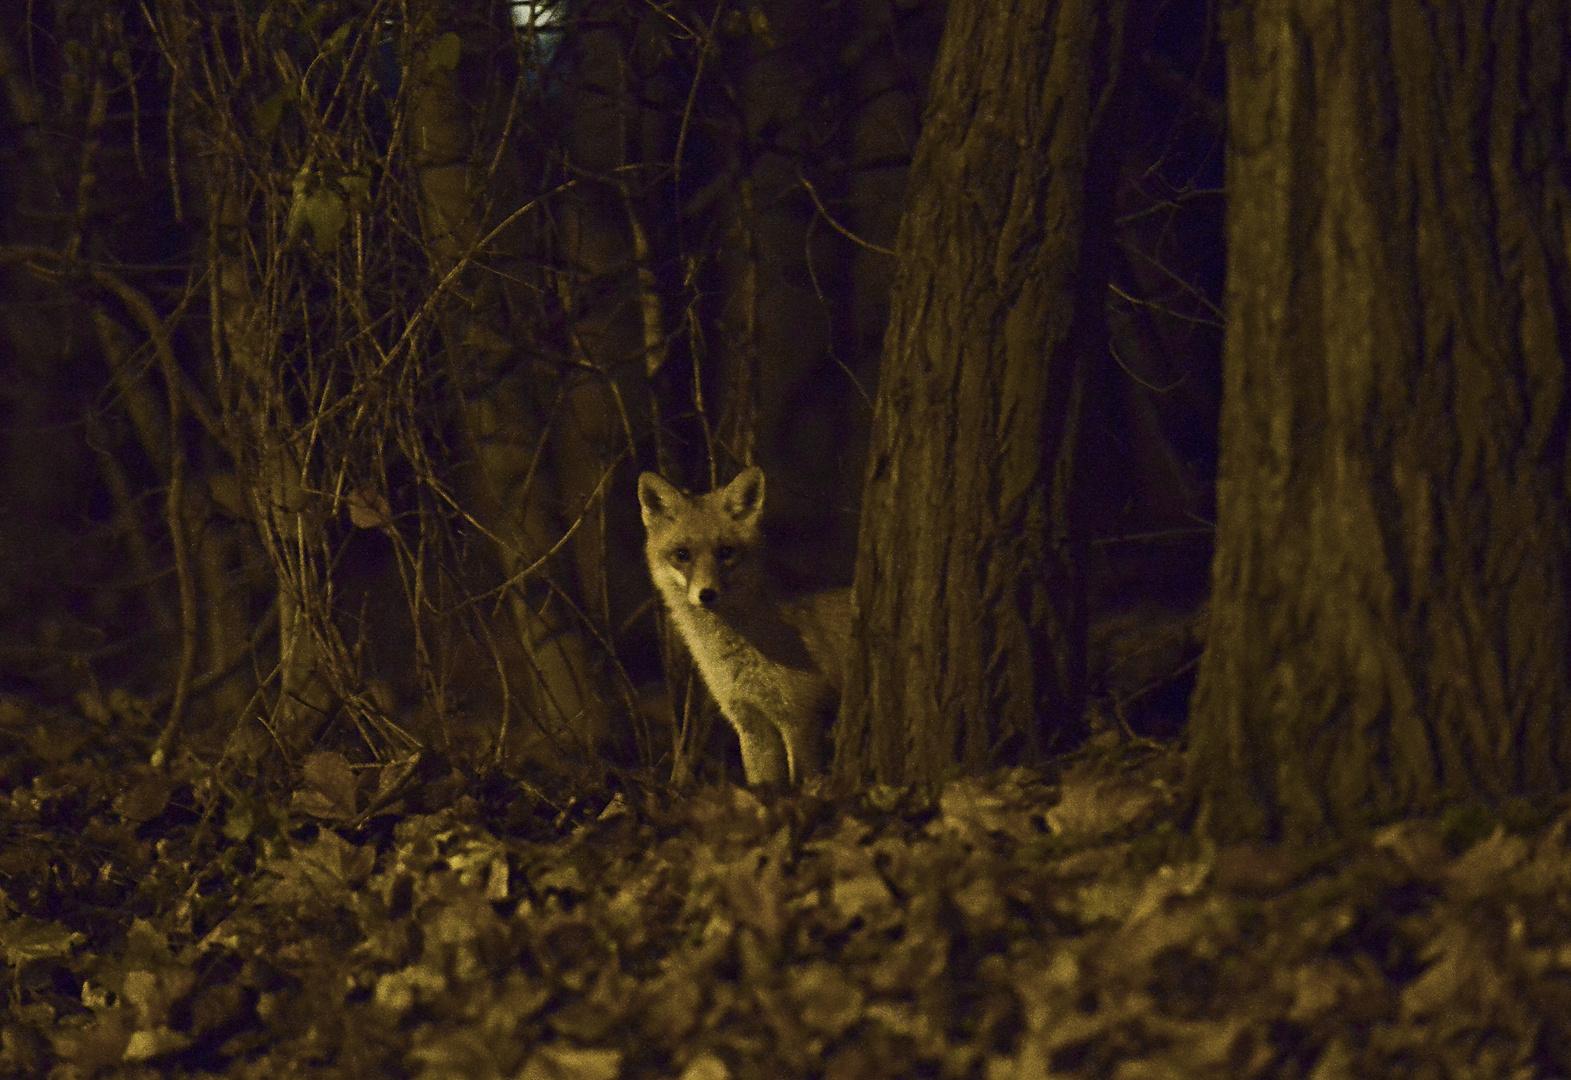 Jäger in der Finsternis des Waldes - Hunter in the darkness of the forest